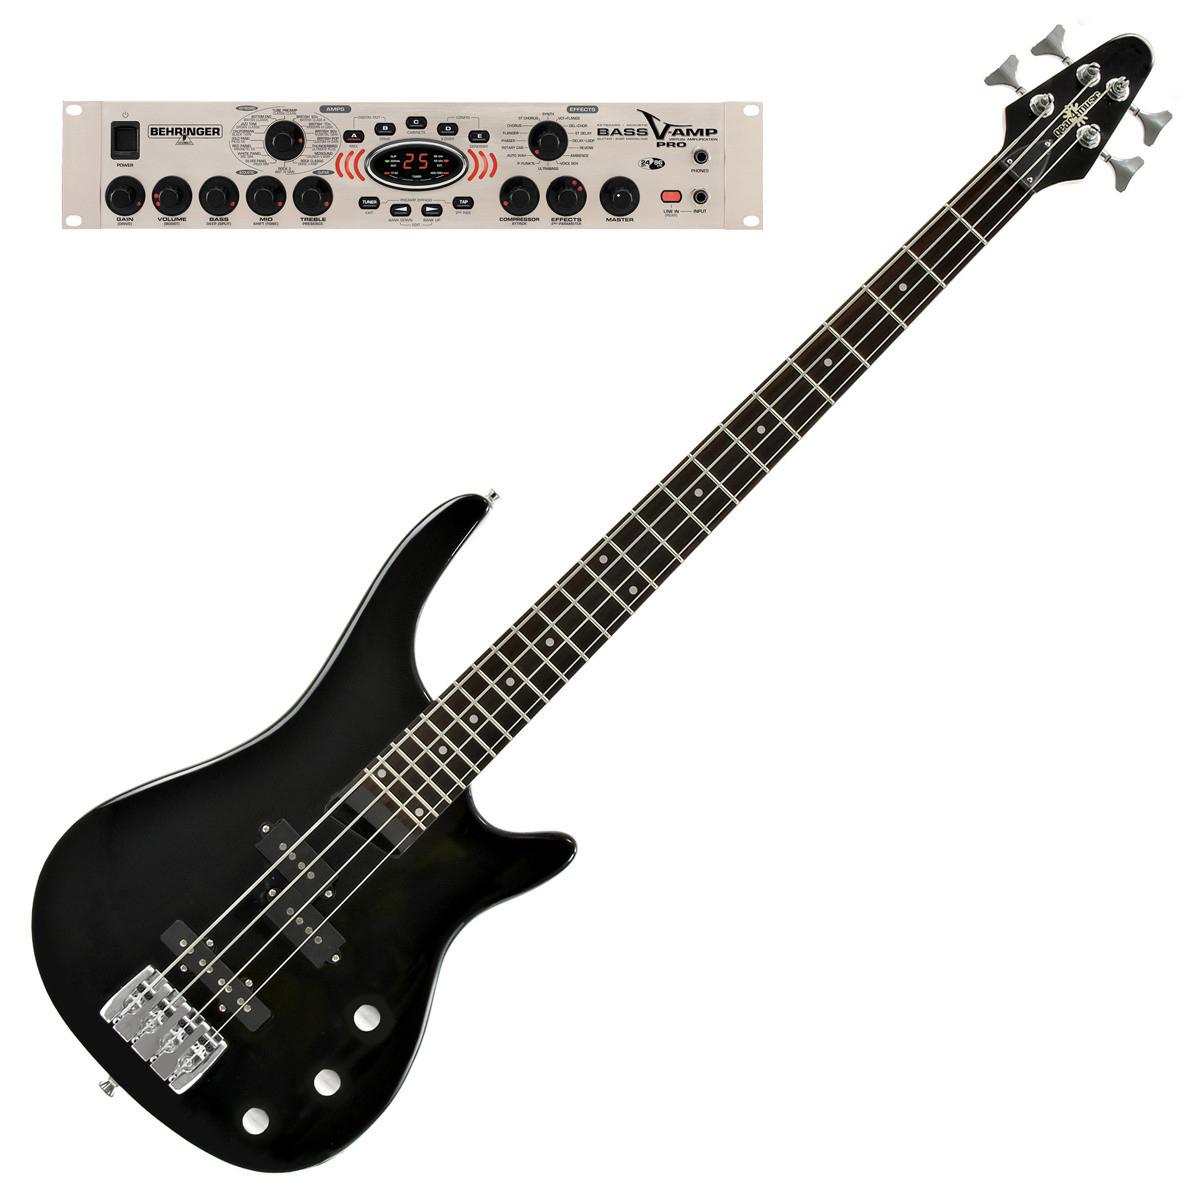 disc miami bass guitar behringer bass v amp pro black at. Black Bedroom Furniture Sets. Home Design Ideas